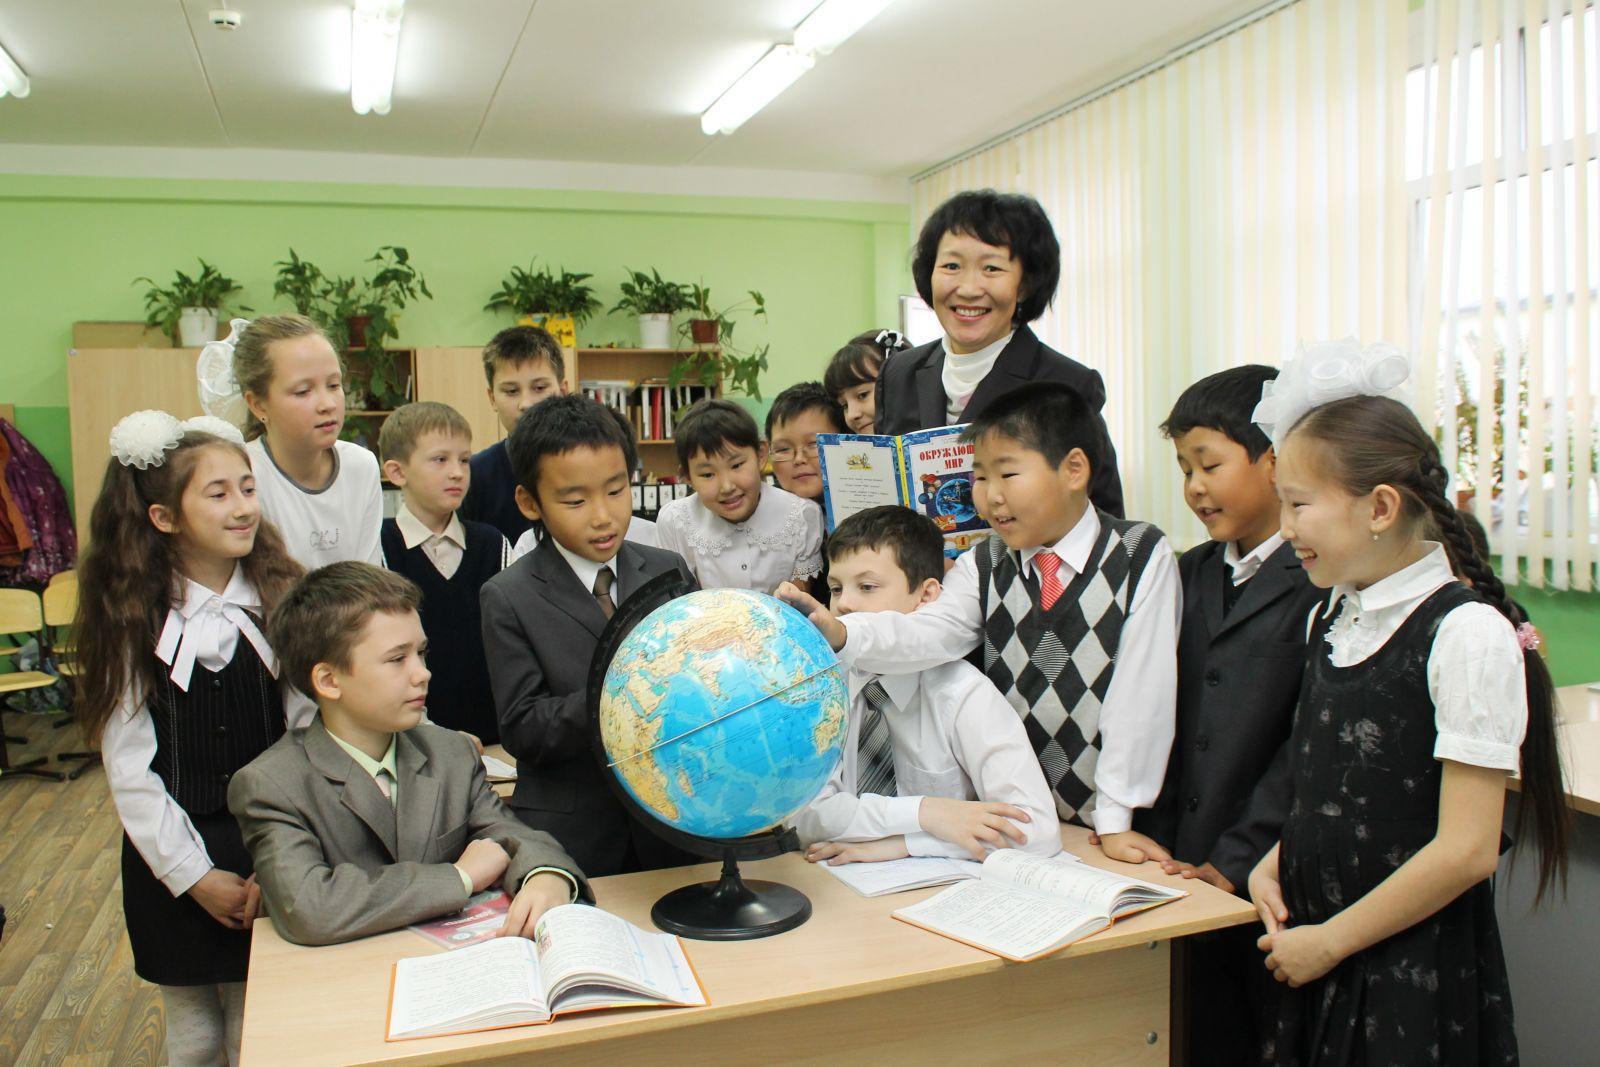 Айсен Николаев определил стратегические направления развития образования в Республике Саха (Якутия)